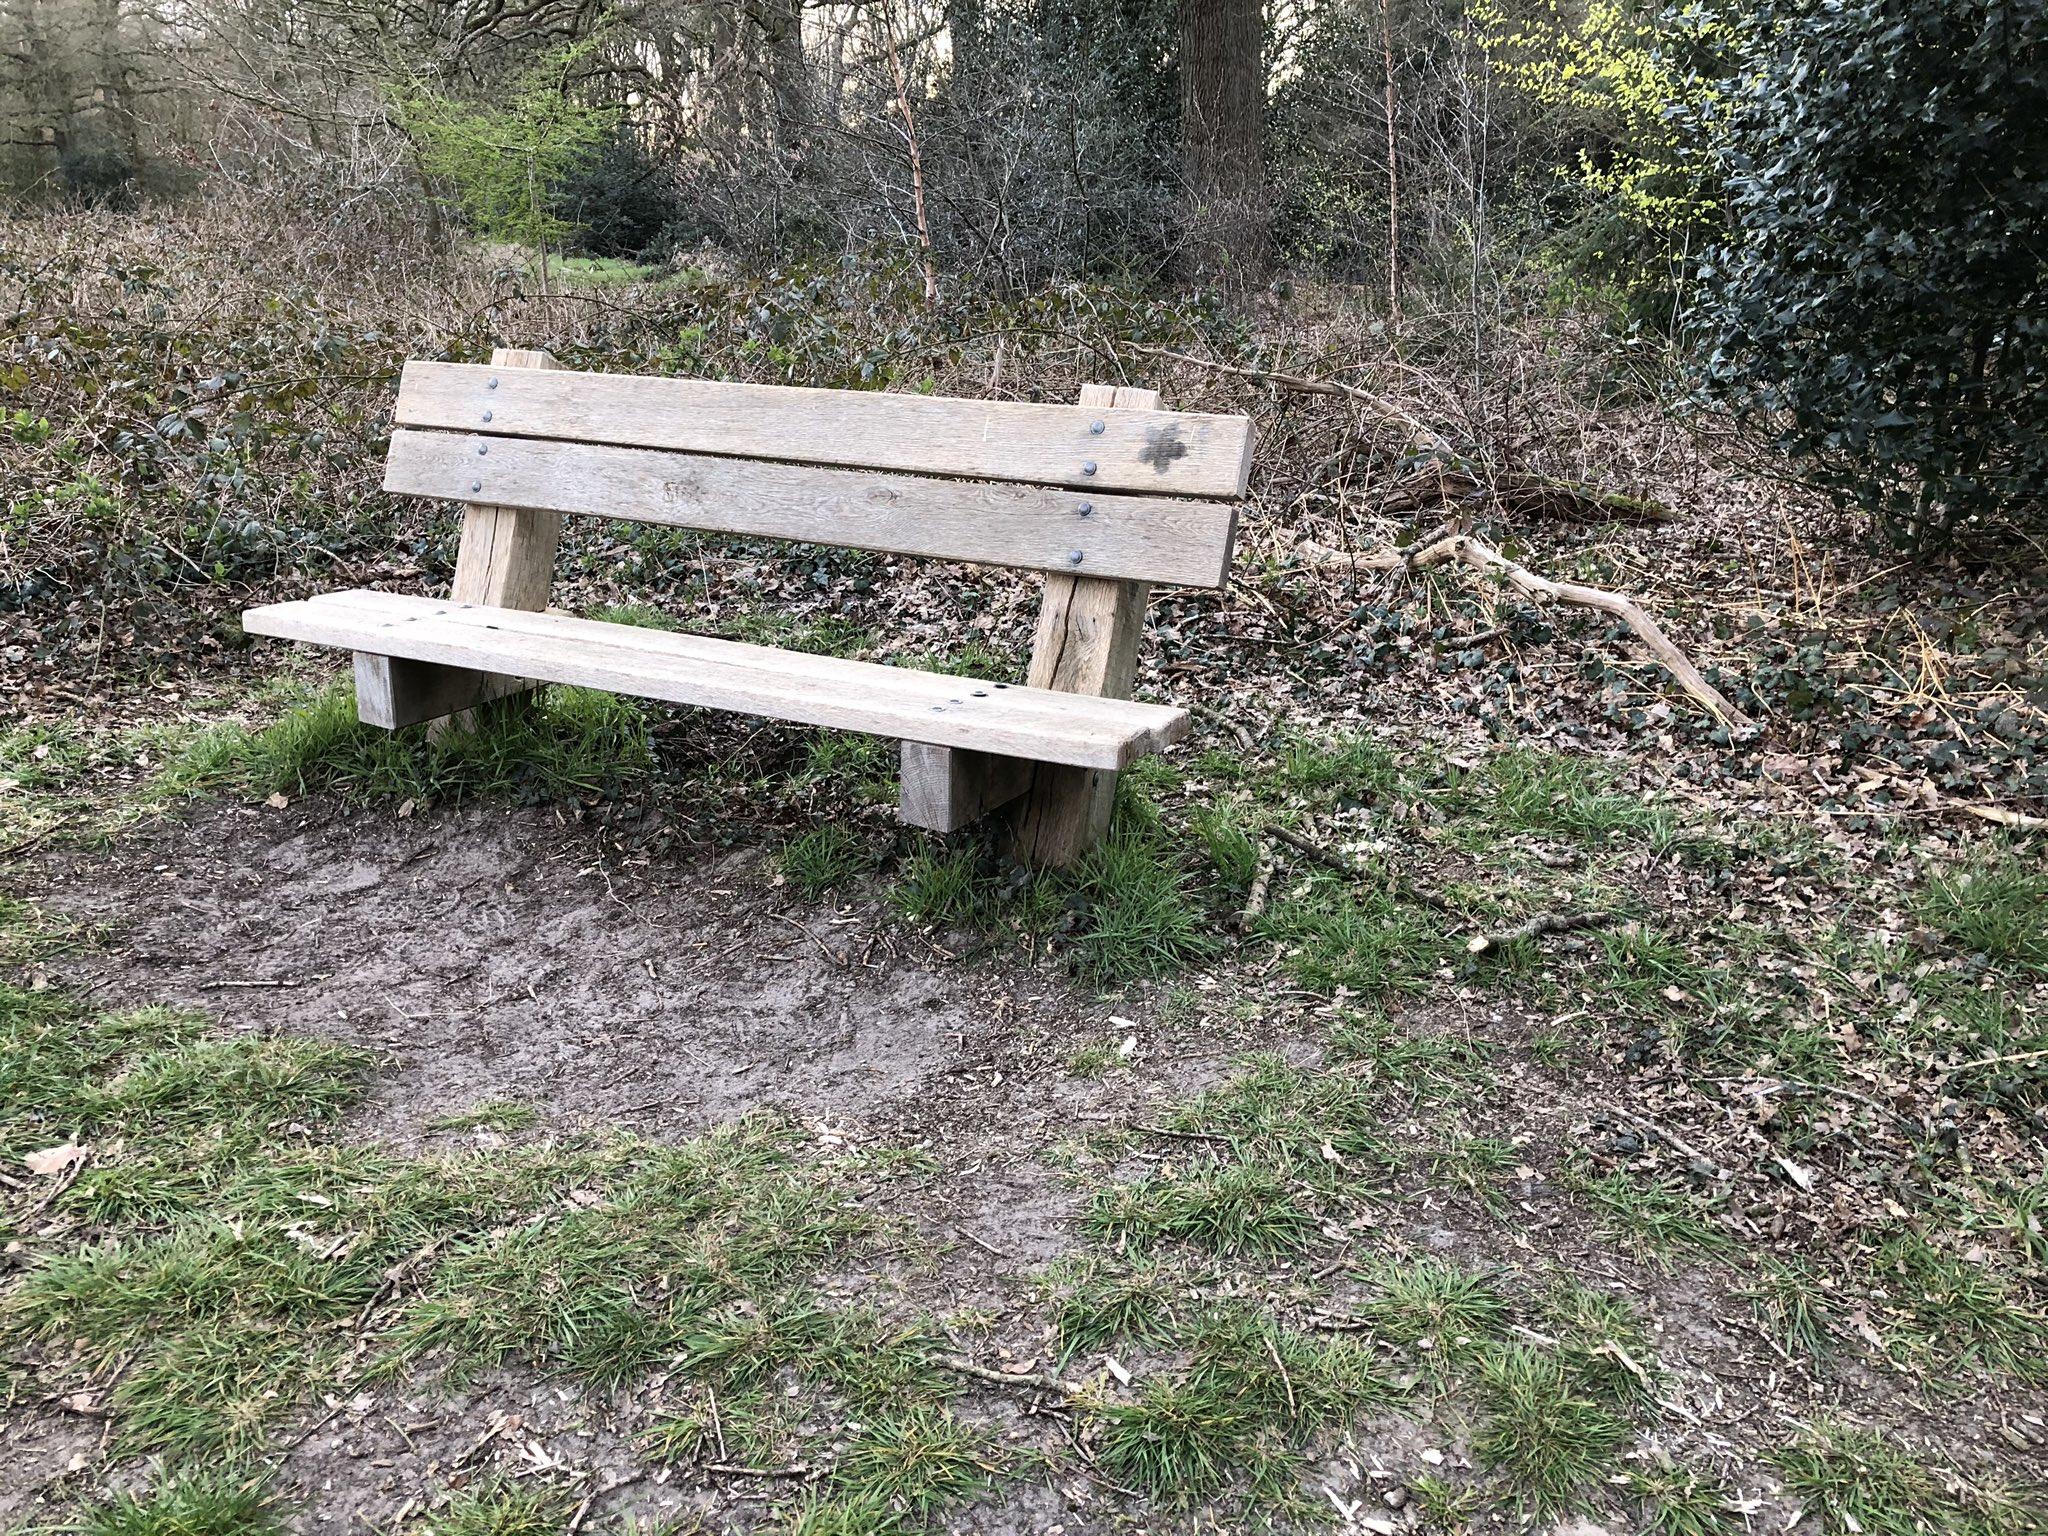 rt-gerritjhkuiper-nabij-kasteeleerde-op-eerderes-wandelbankjes-https-t-co-ym8poehql8